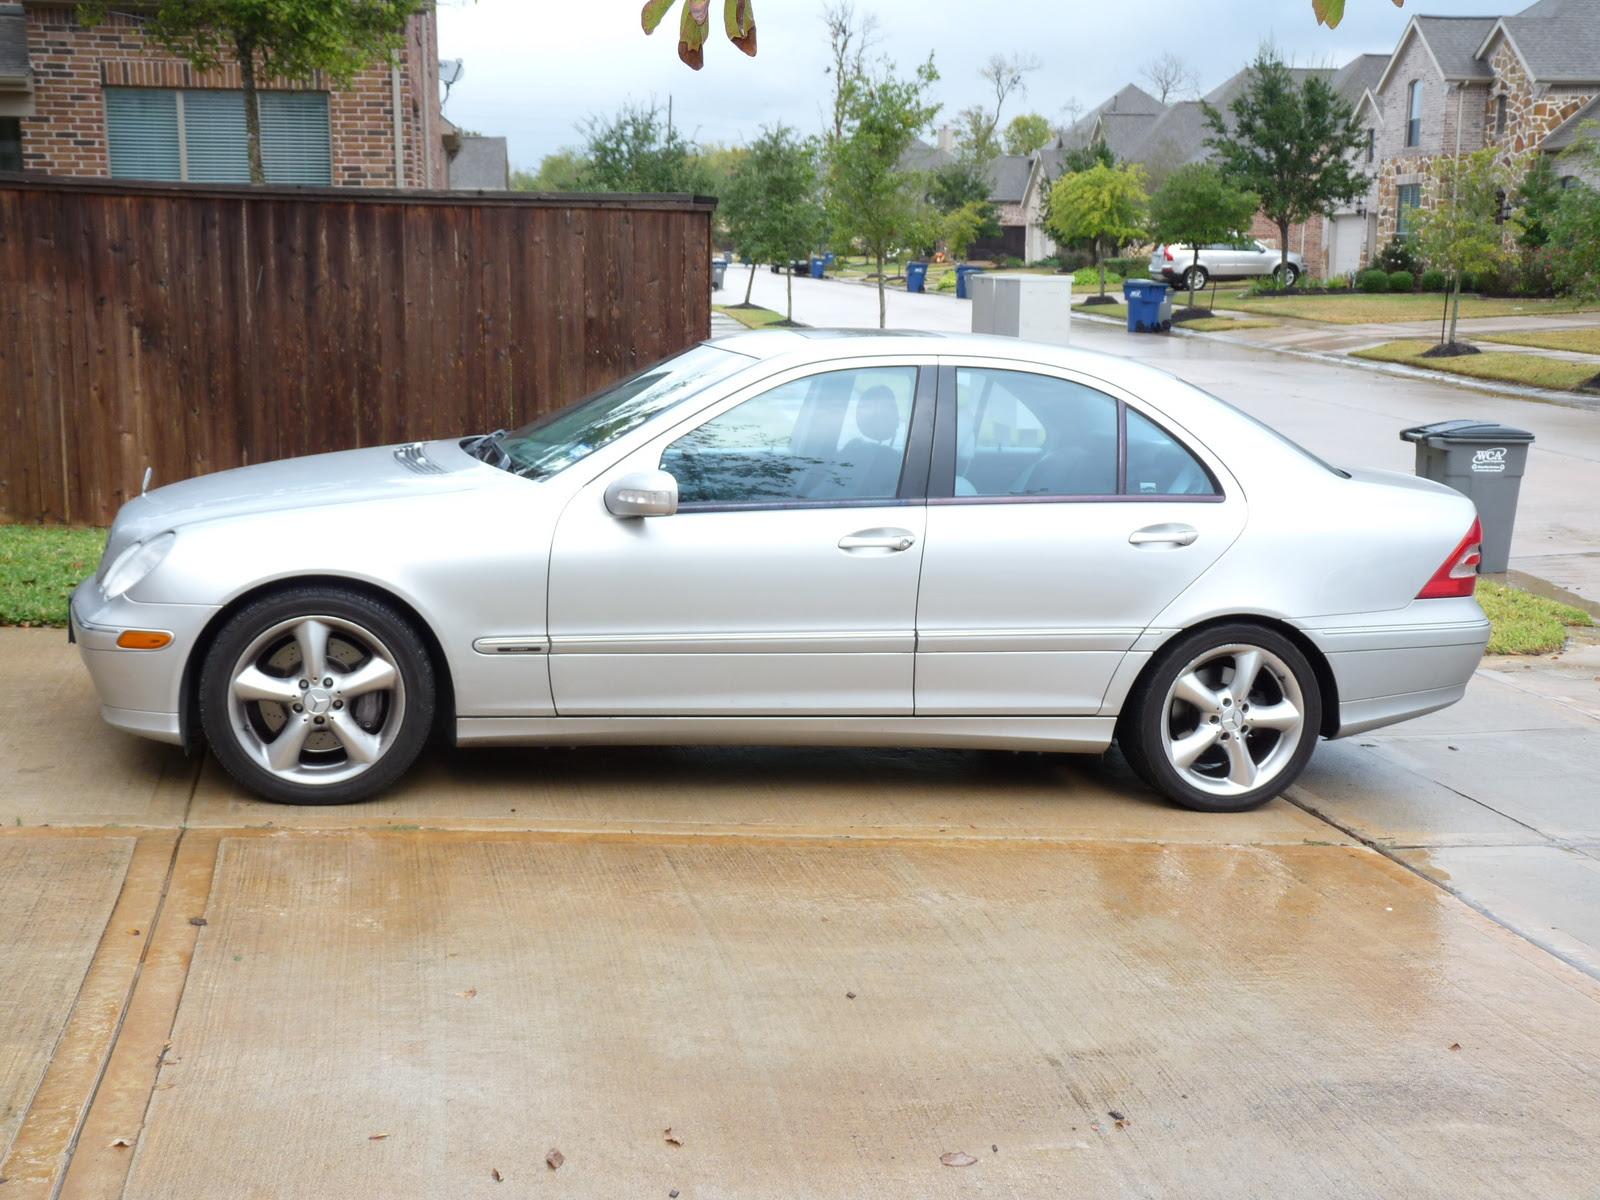 2004 Mercedes-Benz C-Class - Exterior Pictures - CarGurus